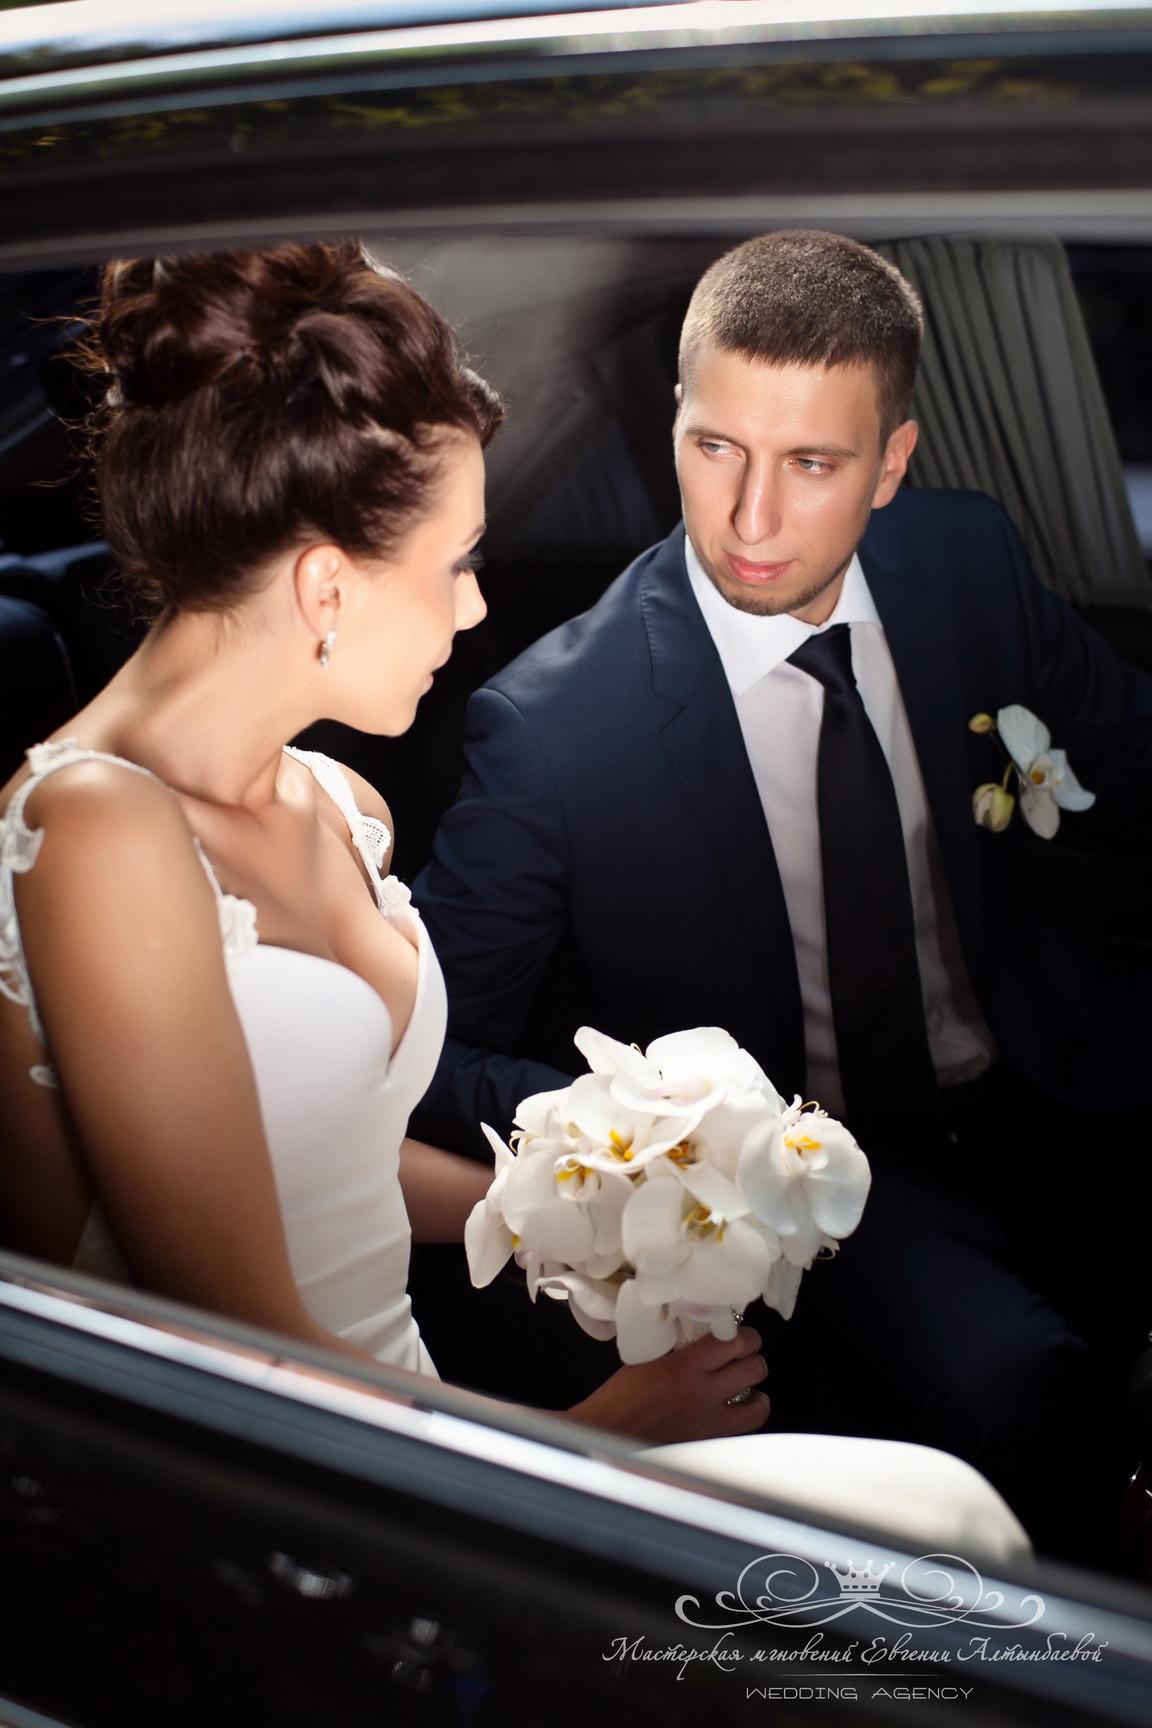 Аренда автомобиля maybach представительского класса на свадьбу